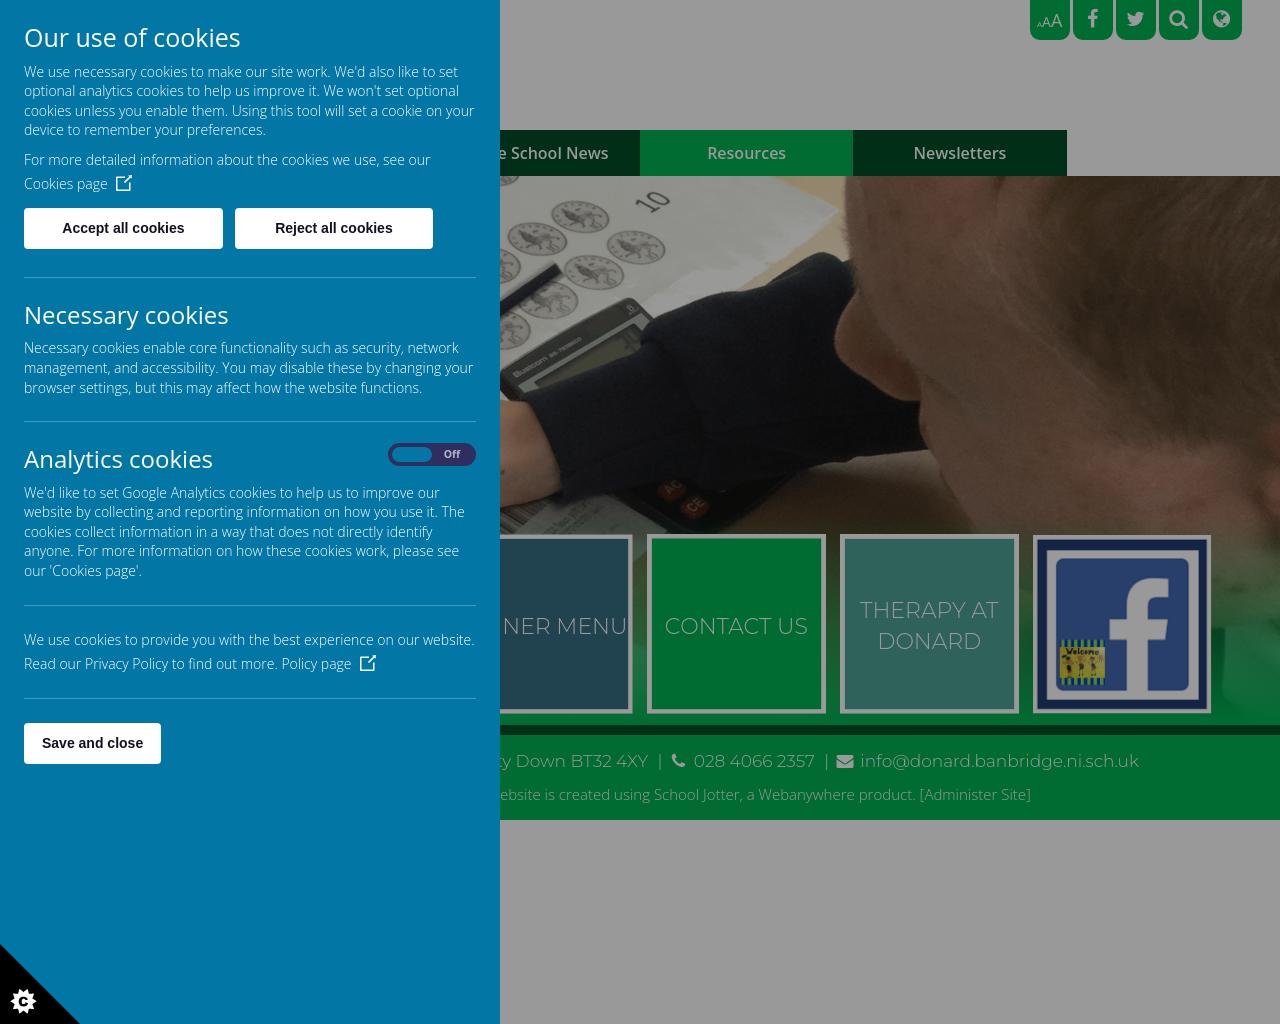 Donard Special School